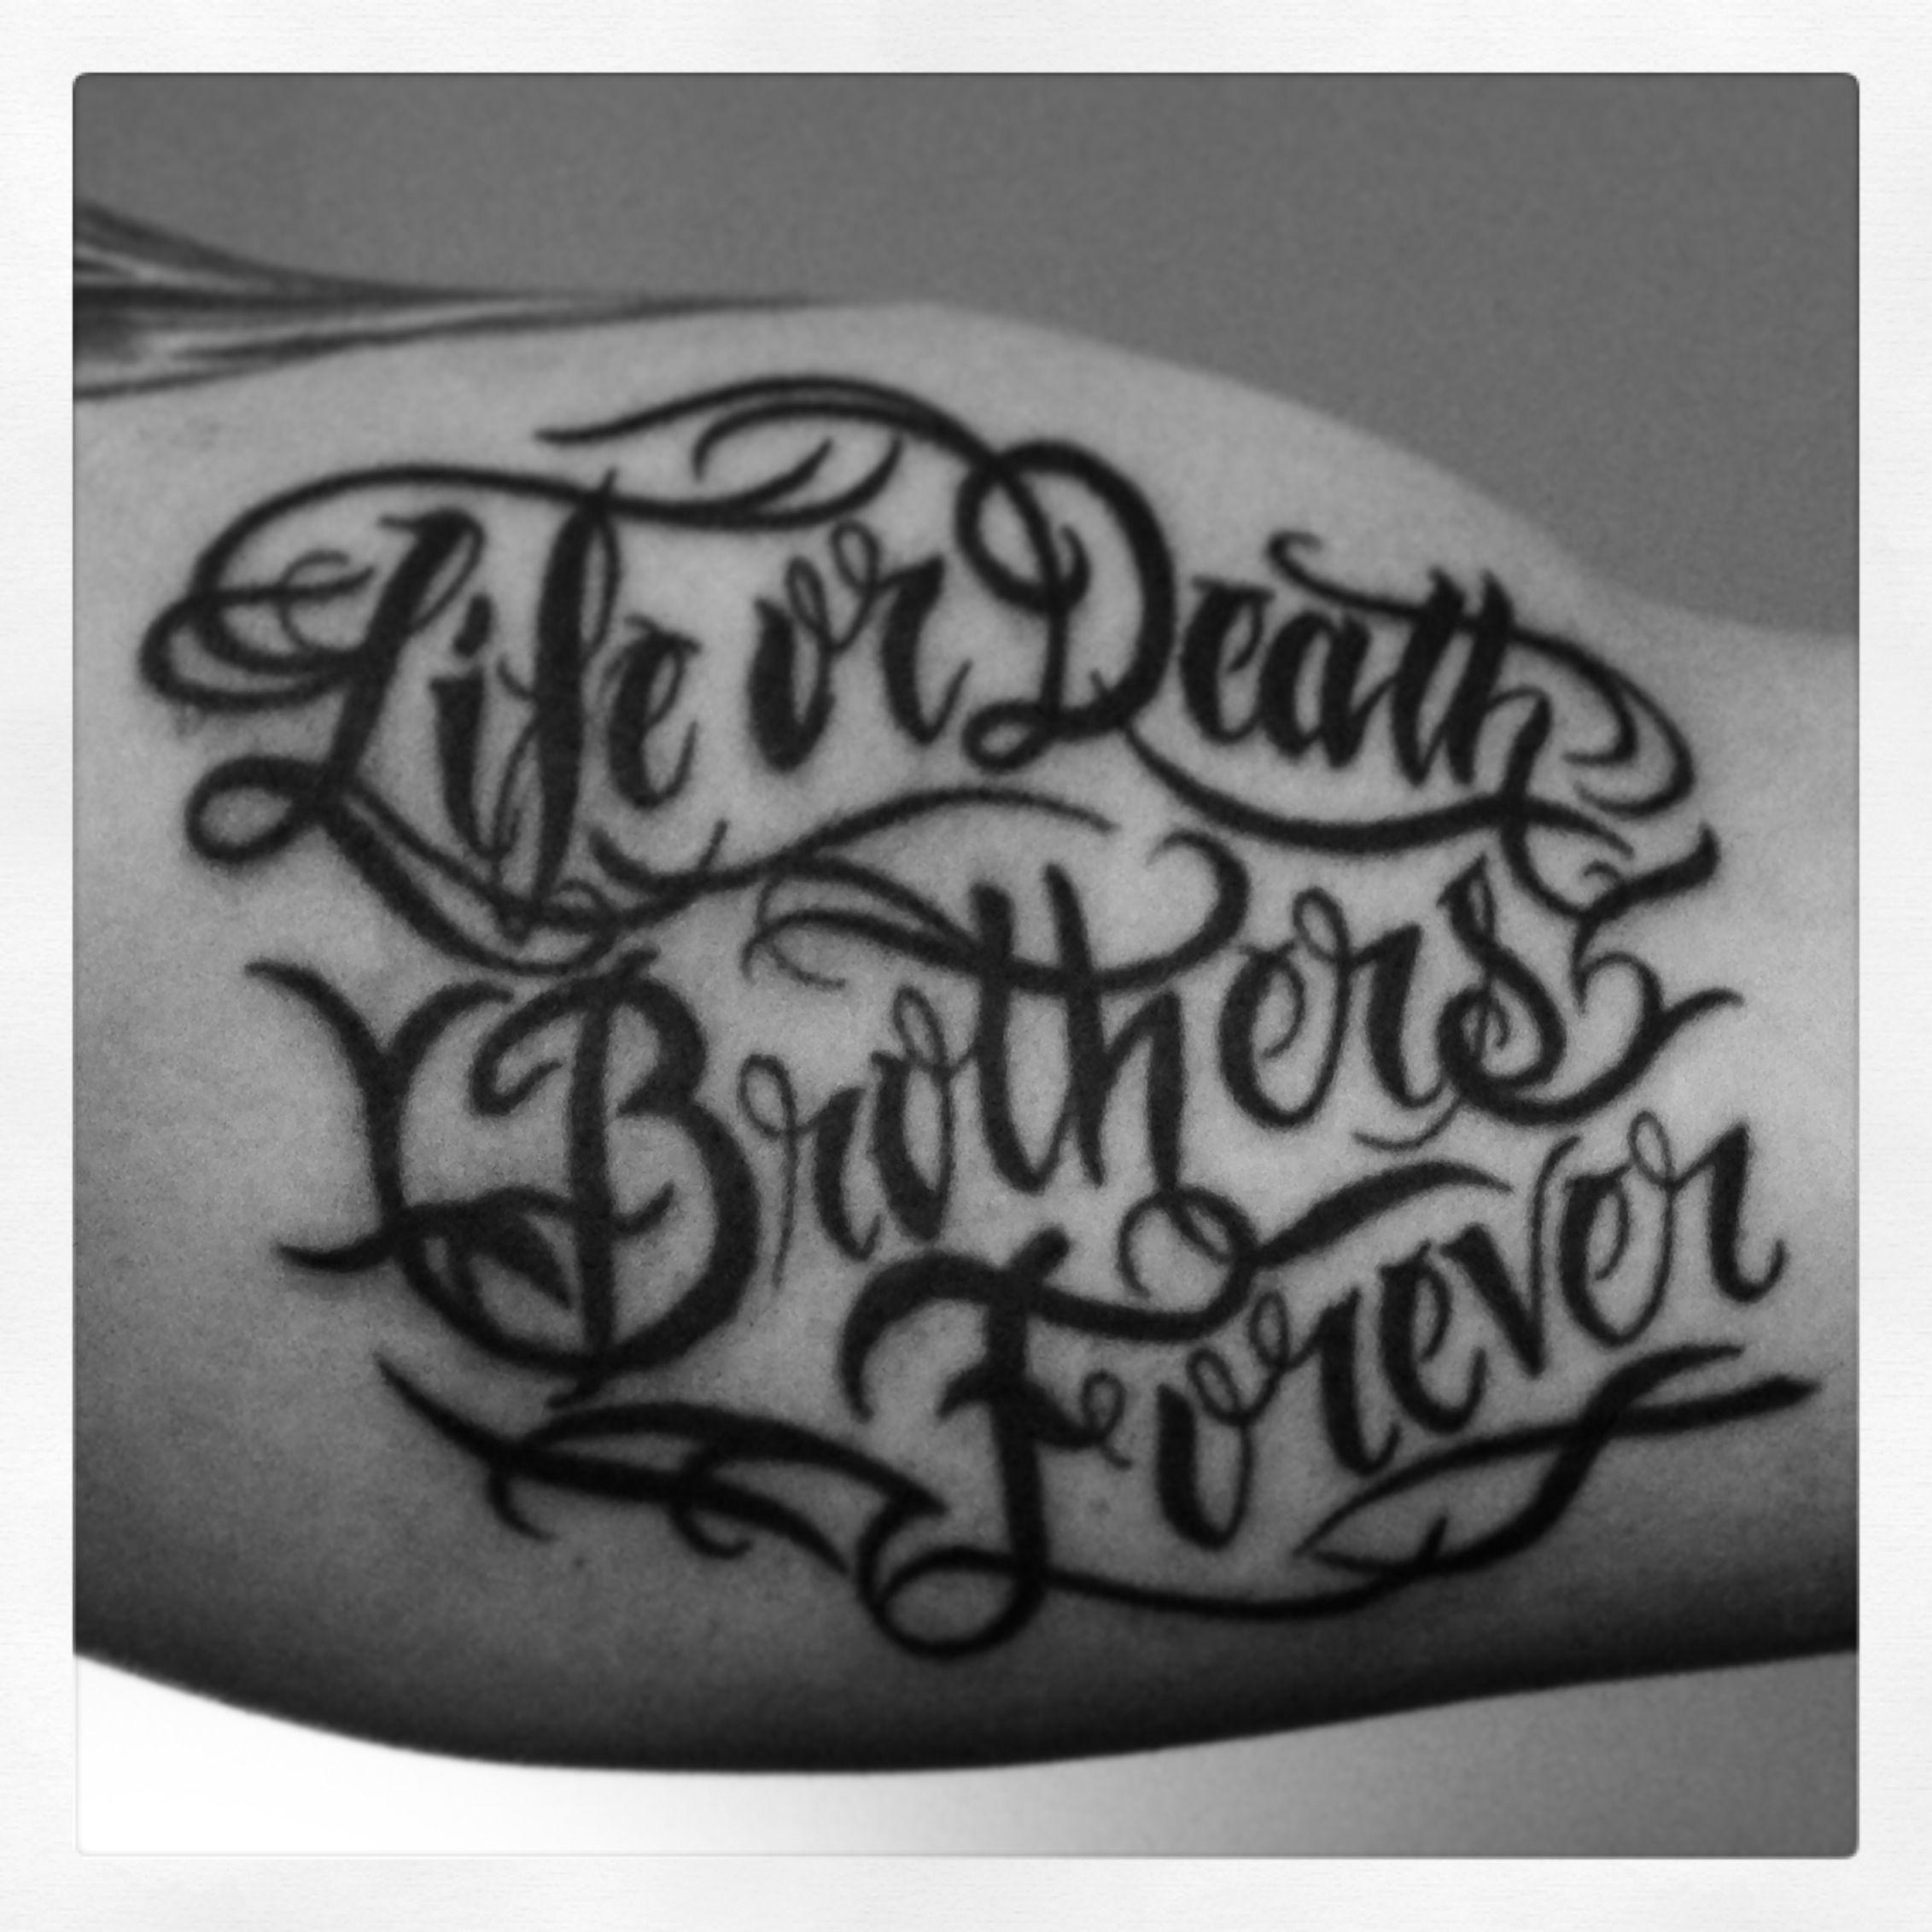 Brothers Tat Inked Tattoos Tattoo Quotes Cool Tattoos